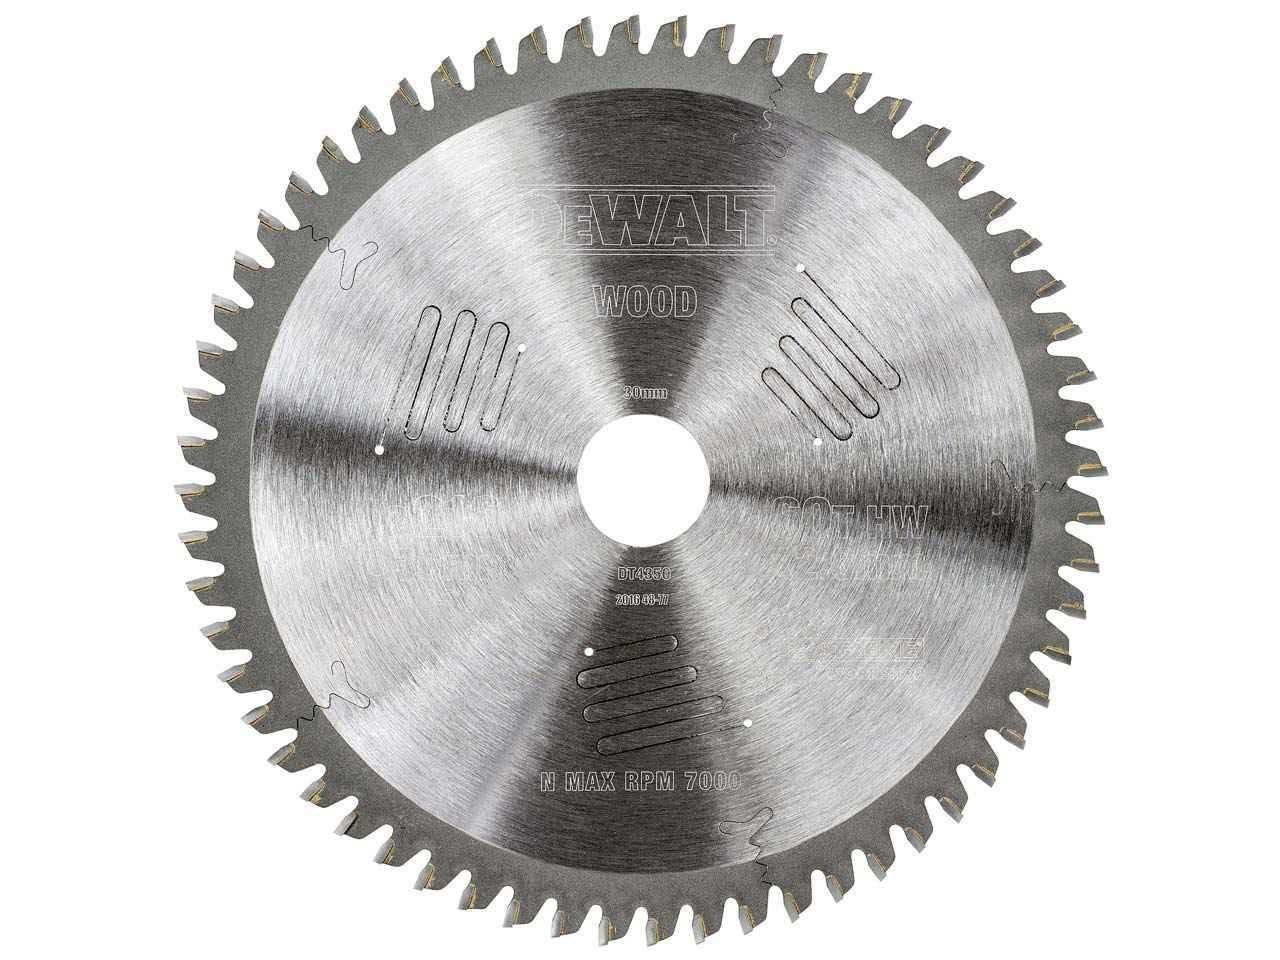 Dewalt dt4350 qz extreme circular saw blade 216 x 30 x 60t greentooth Gallery